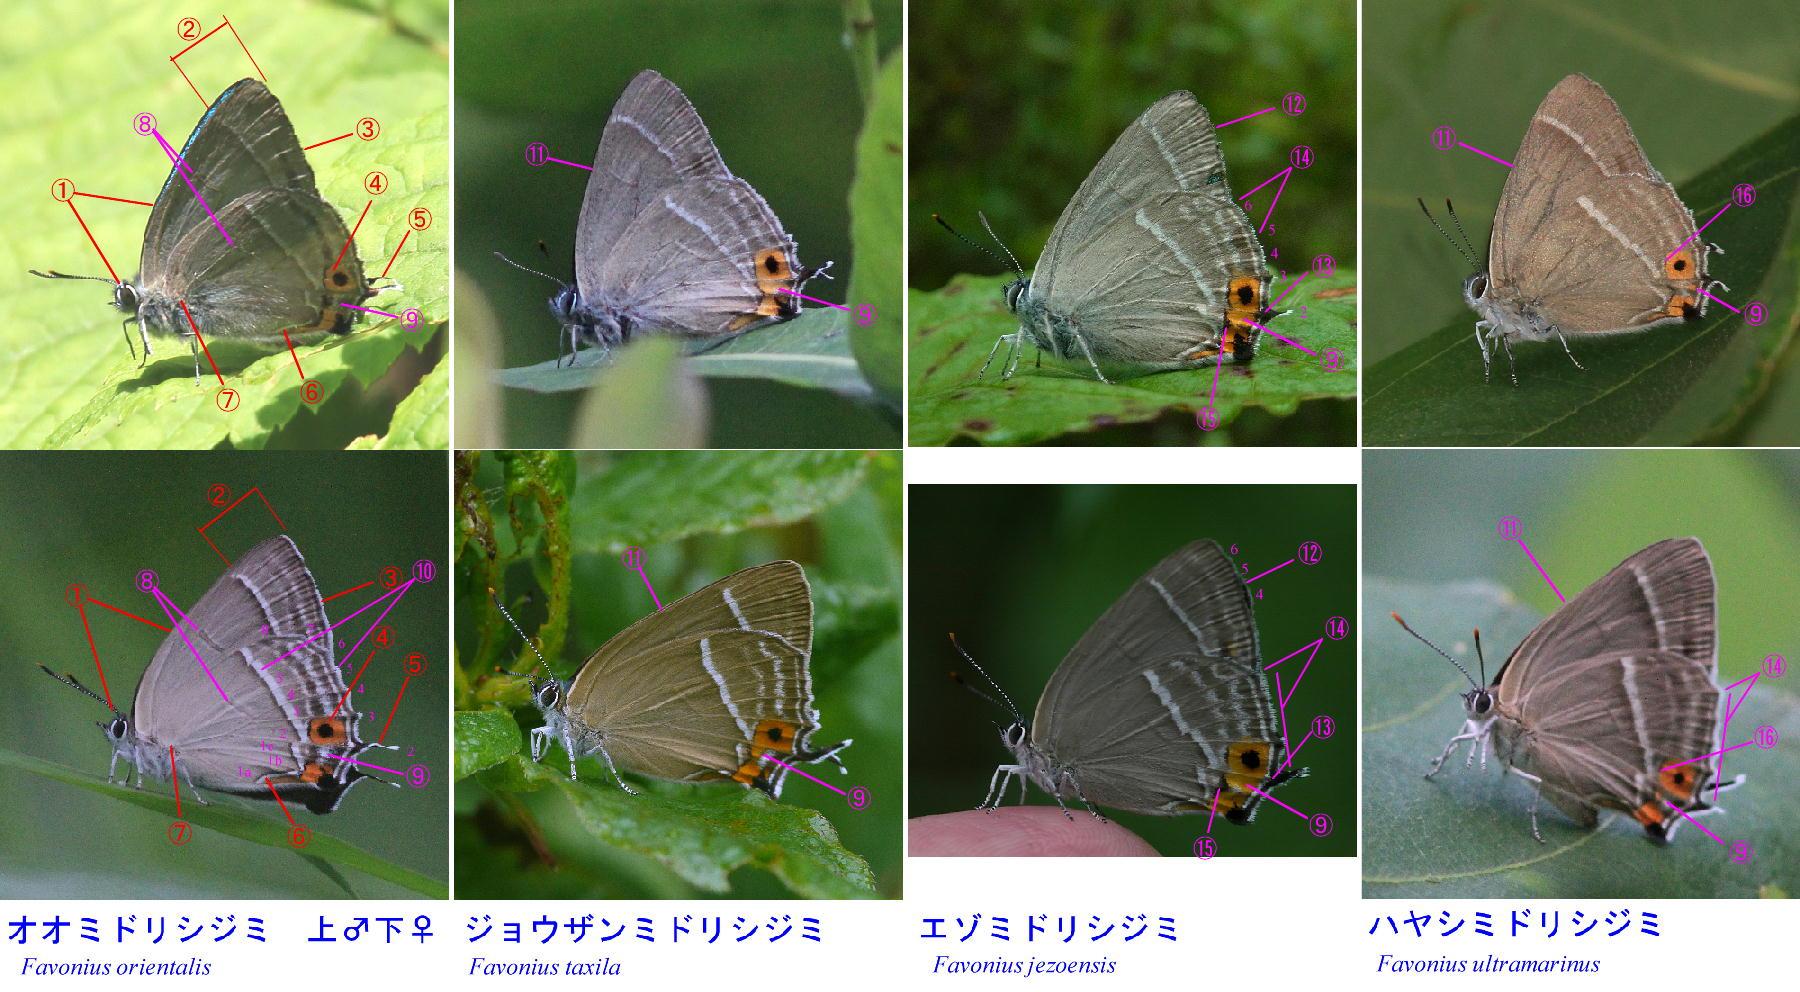 類似☆ オオミドリ属4種の翅裏比較図_a0146869_924240.jpg